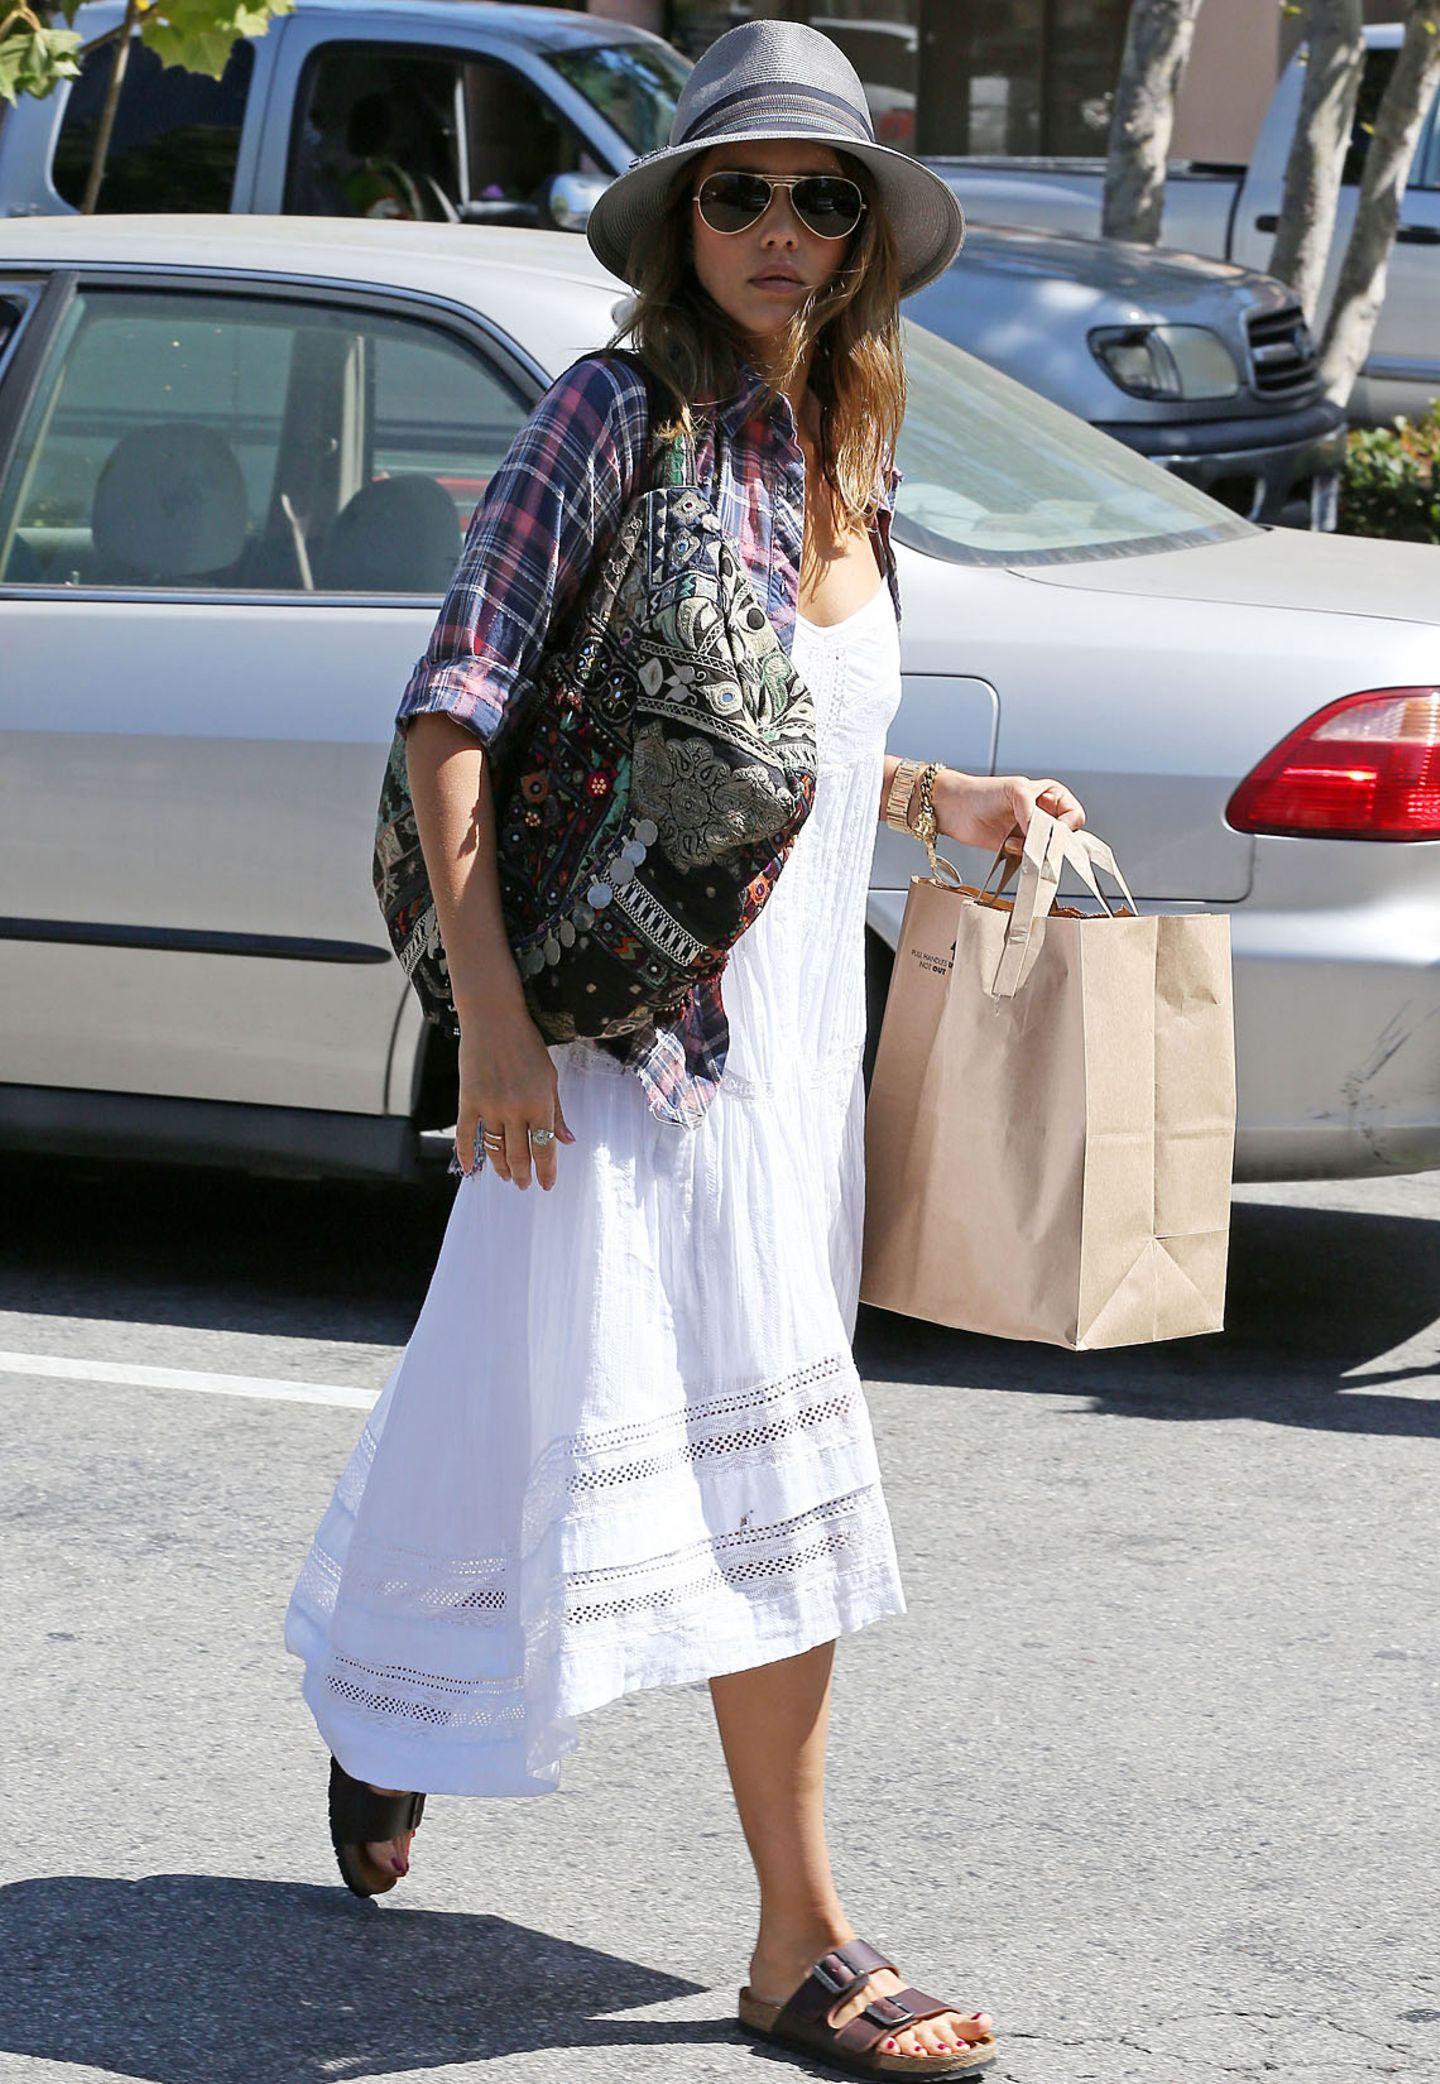 Jessica Alba ist kein Freund von tristen Farben, sondern liebt bunte Muster und farbenfrohe Outfits. Zum weißen Kleid im Western-Stil (ca.250€) trägt die 33-Jährige deshalb ein Cowboy-Hemd (ca.40€) und bringt mit einer bunt gemusterten Tasche im orientalischen Look noch mehr Farbe ins Spiel.